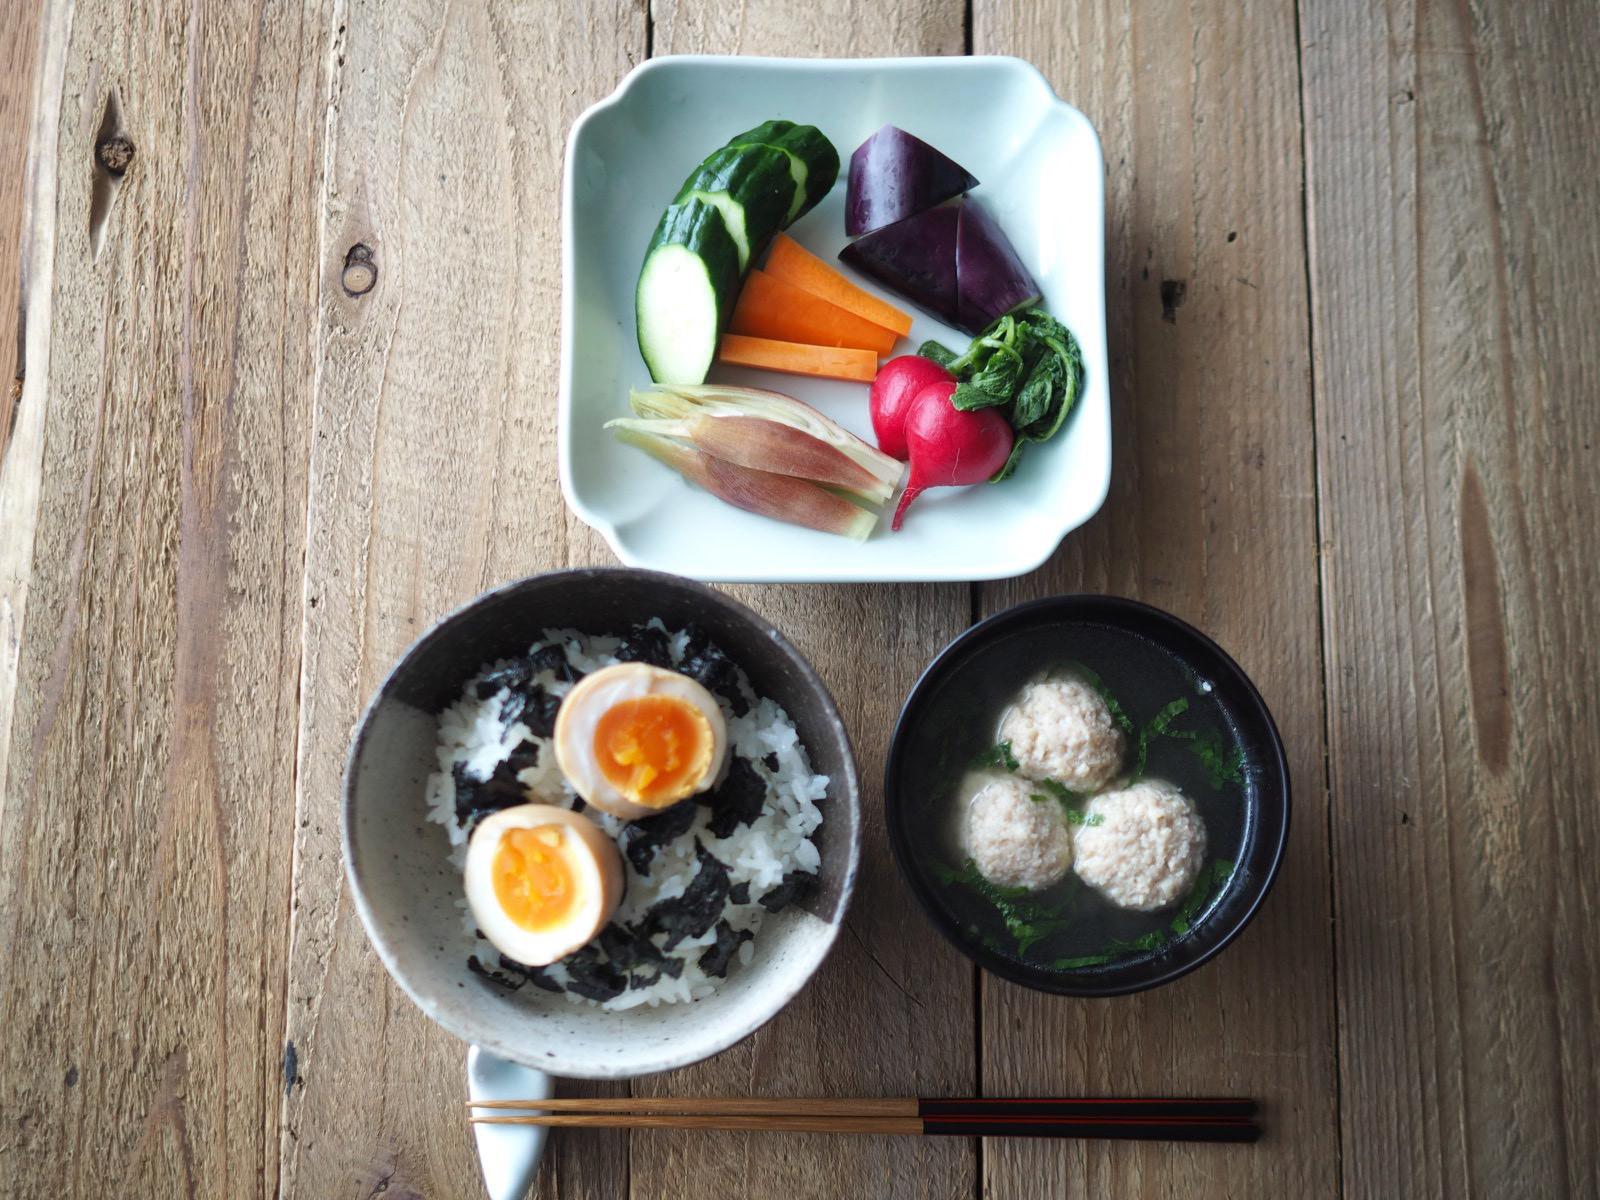 味付け卵丼の献立